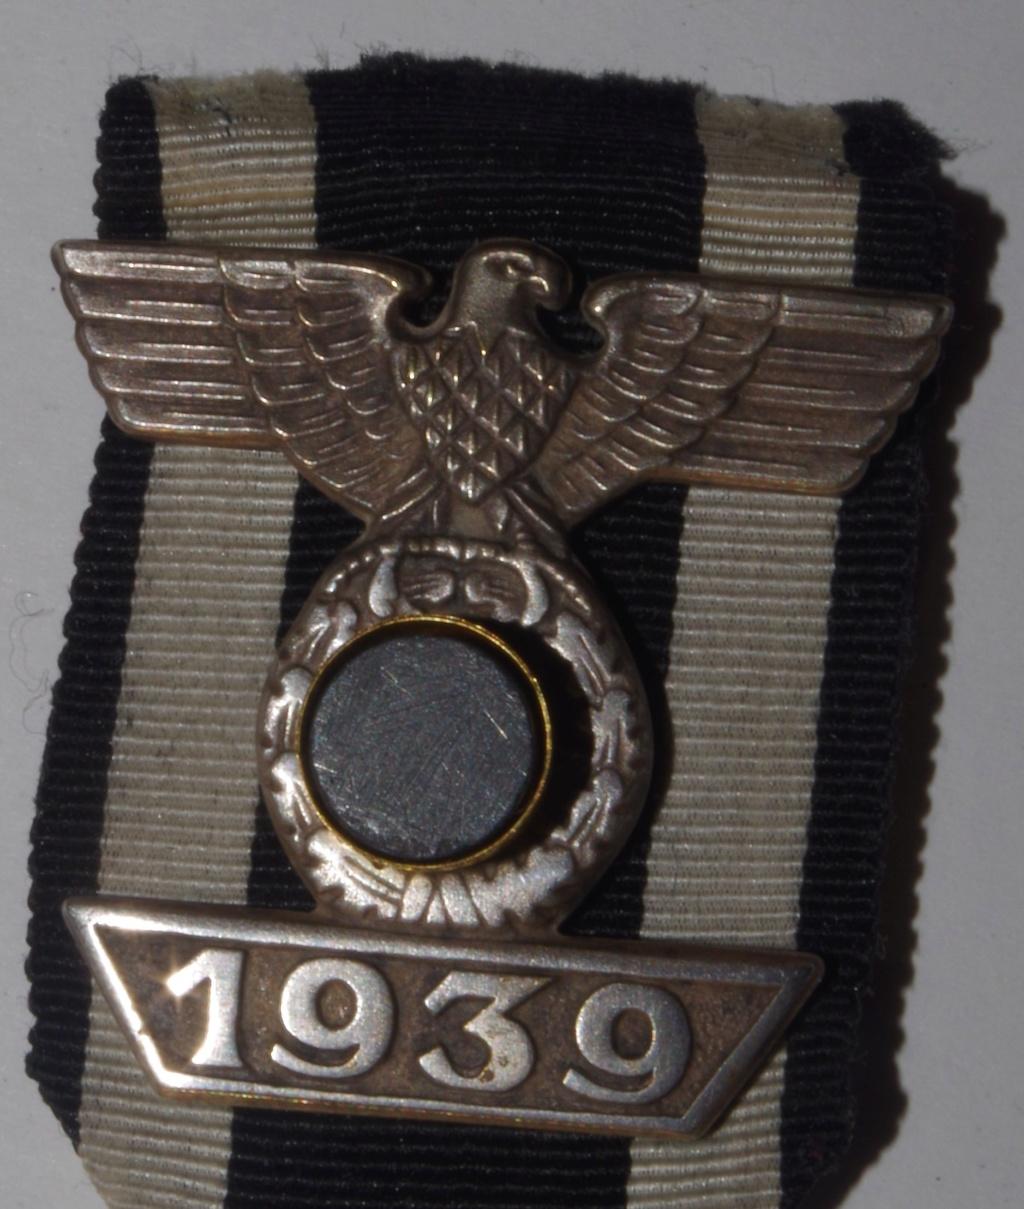 Authentification aigle de rappel 2ème classe Imgp3924